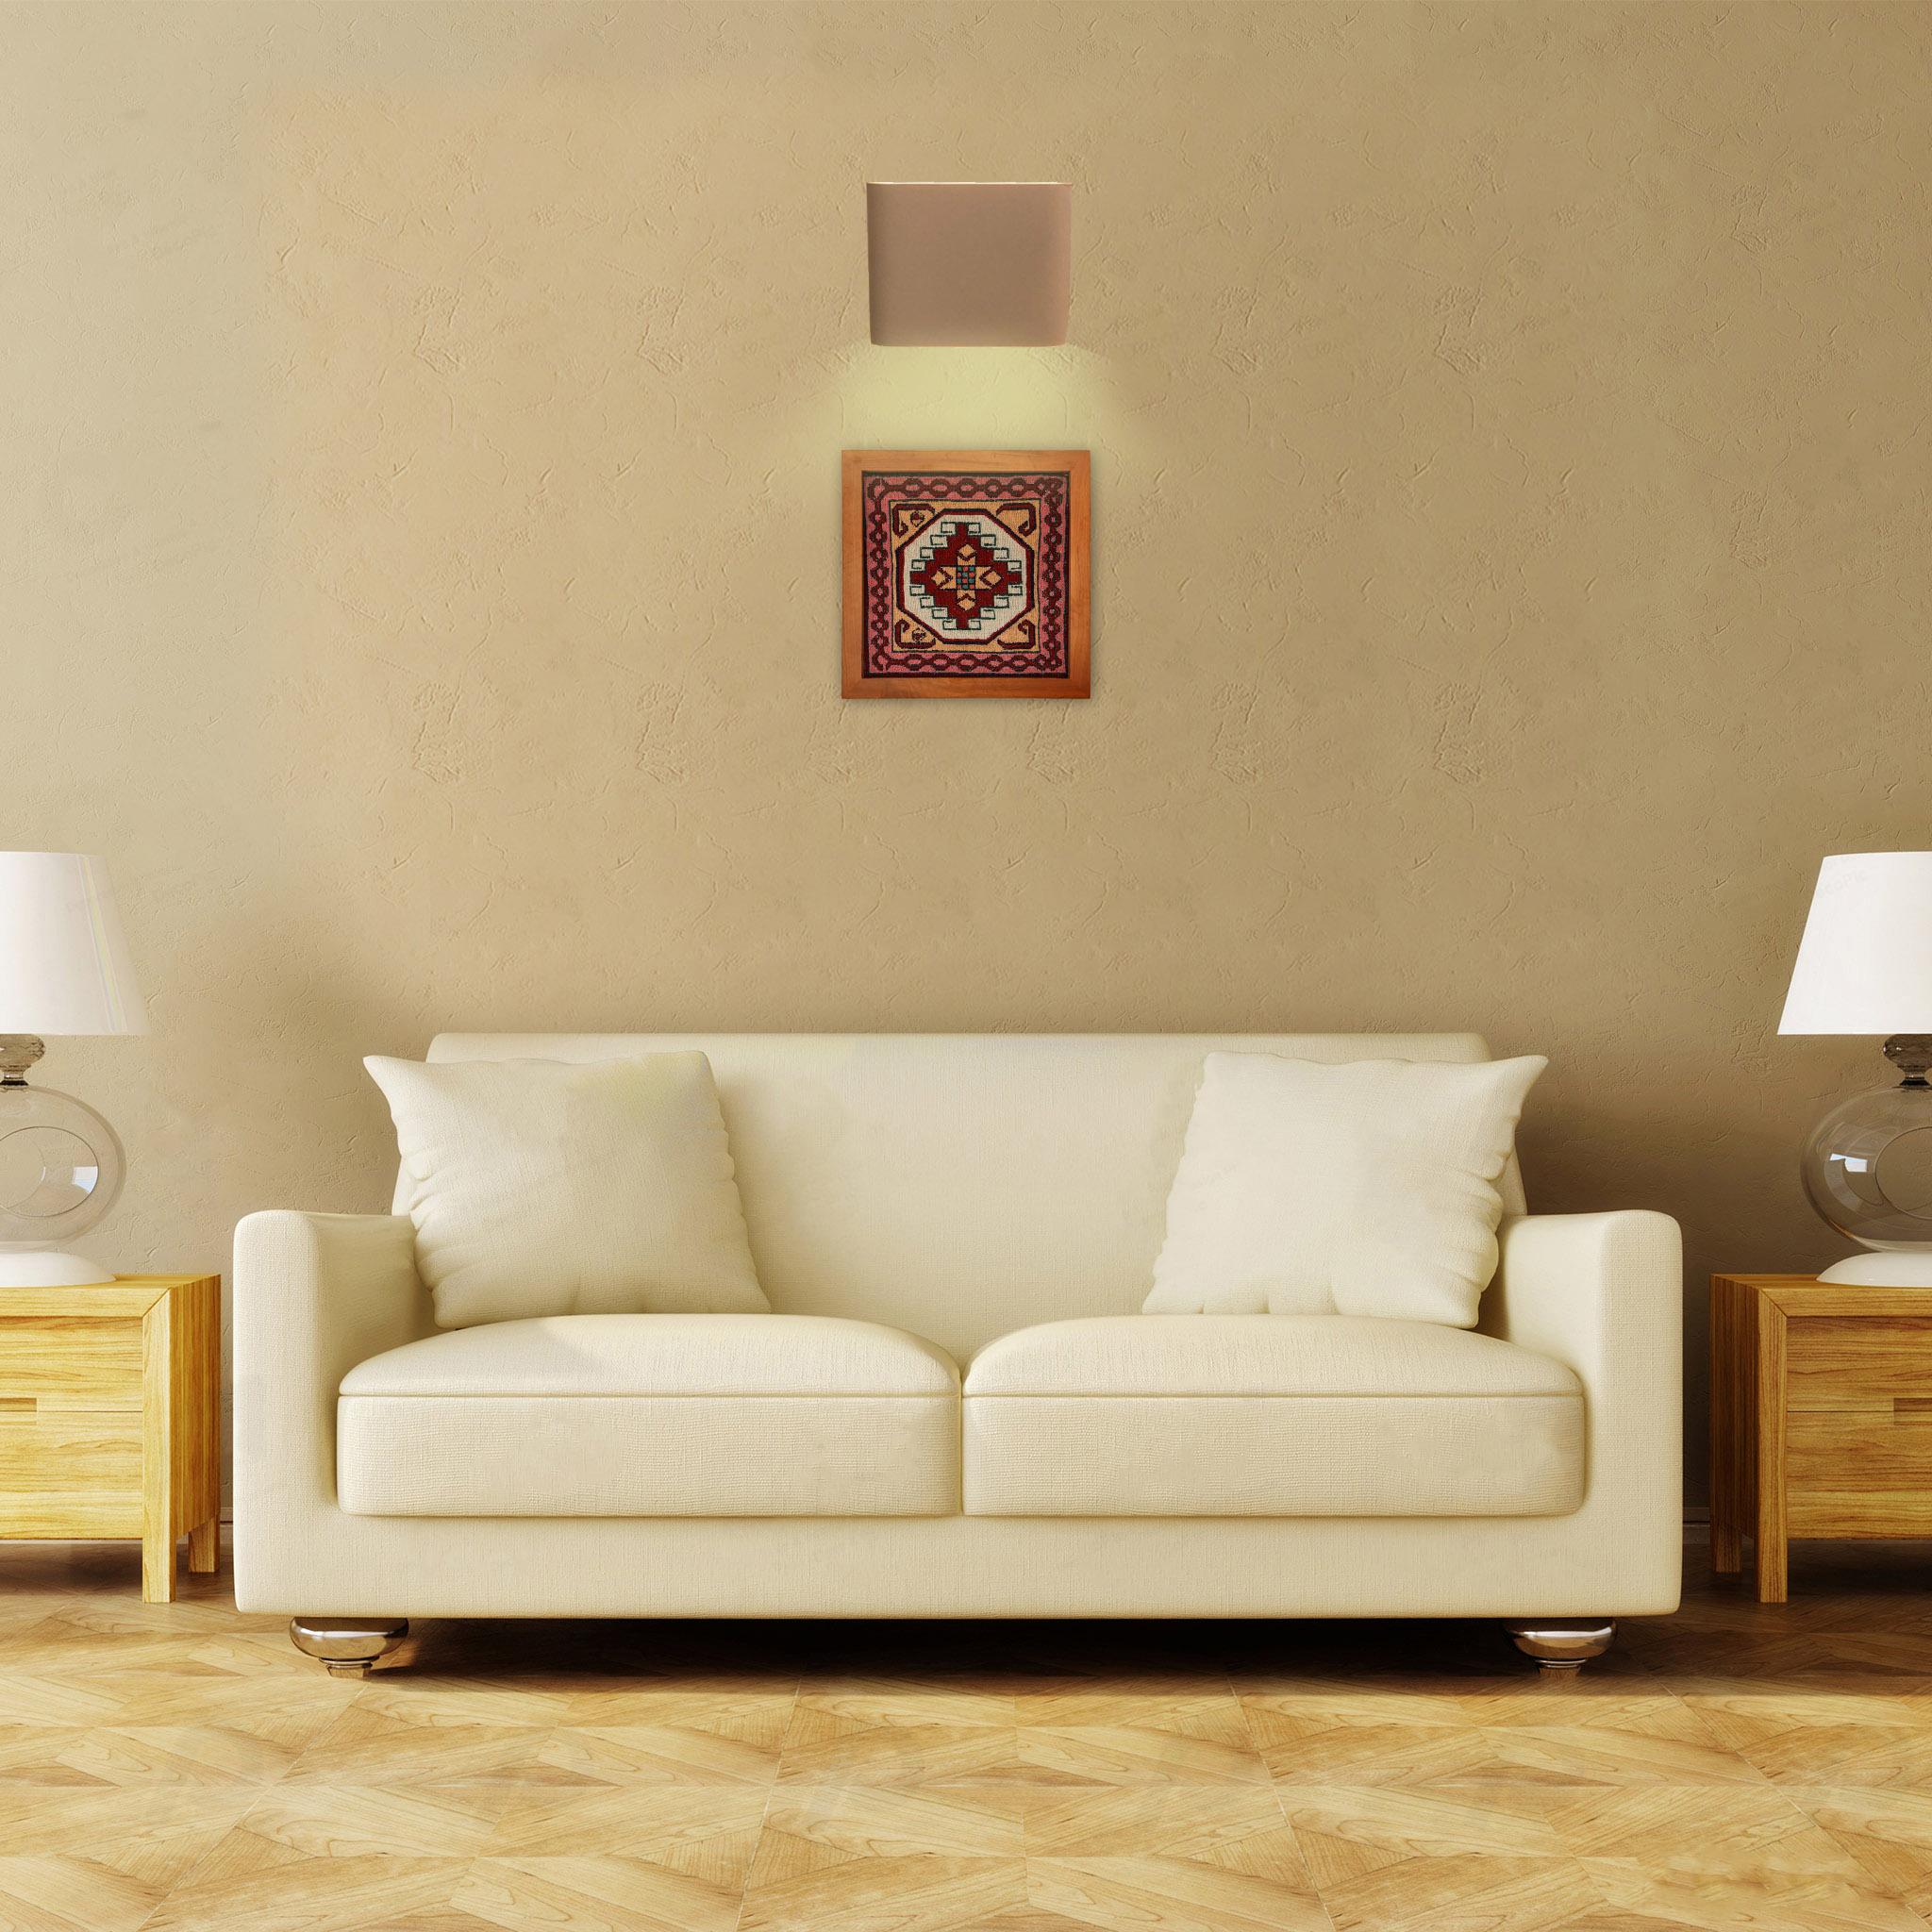 خرید                       تابلو فرش دستبافت کد 990459